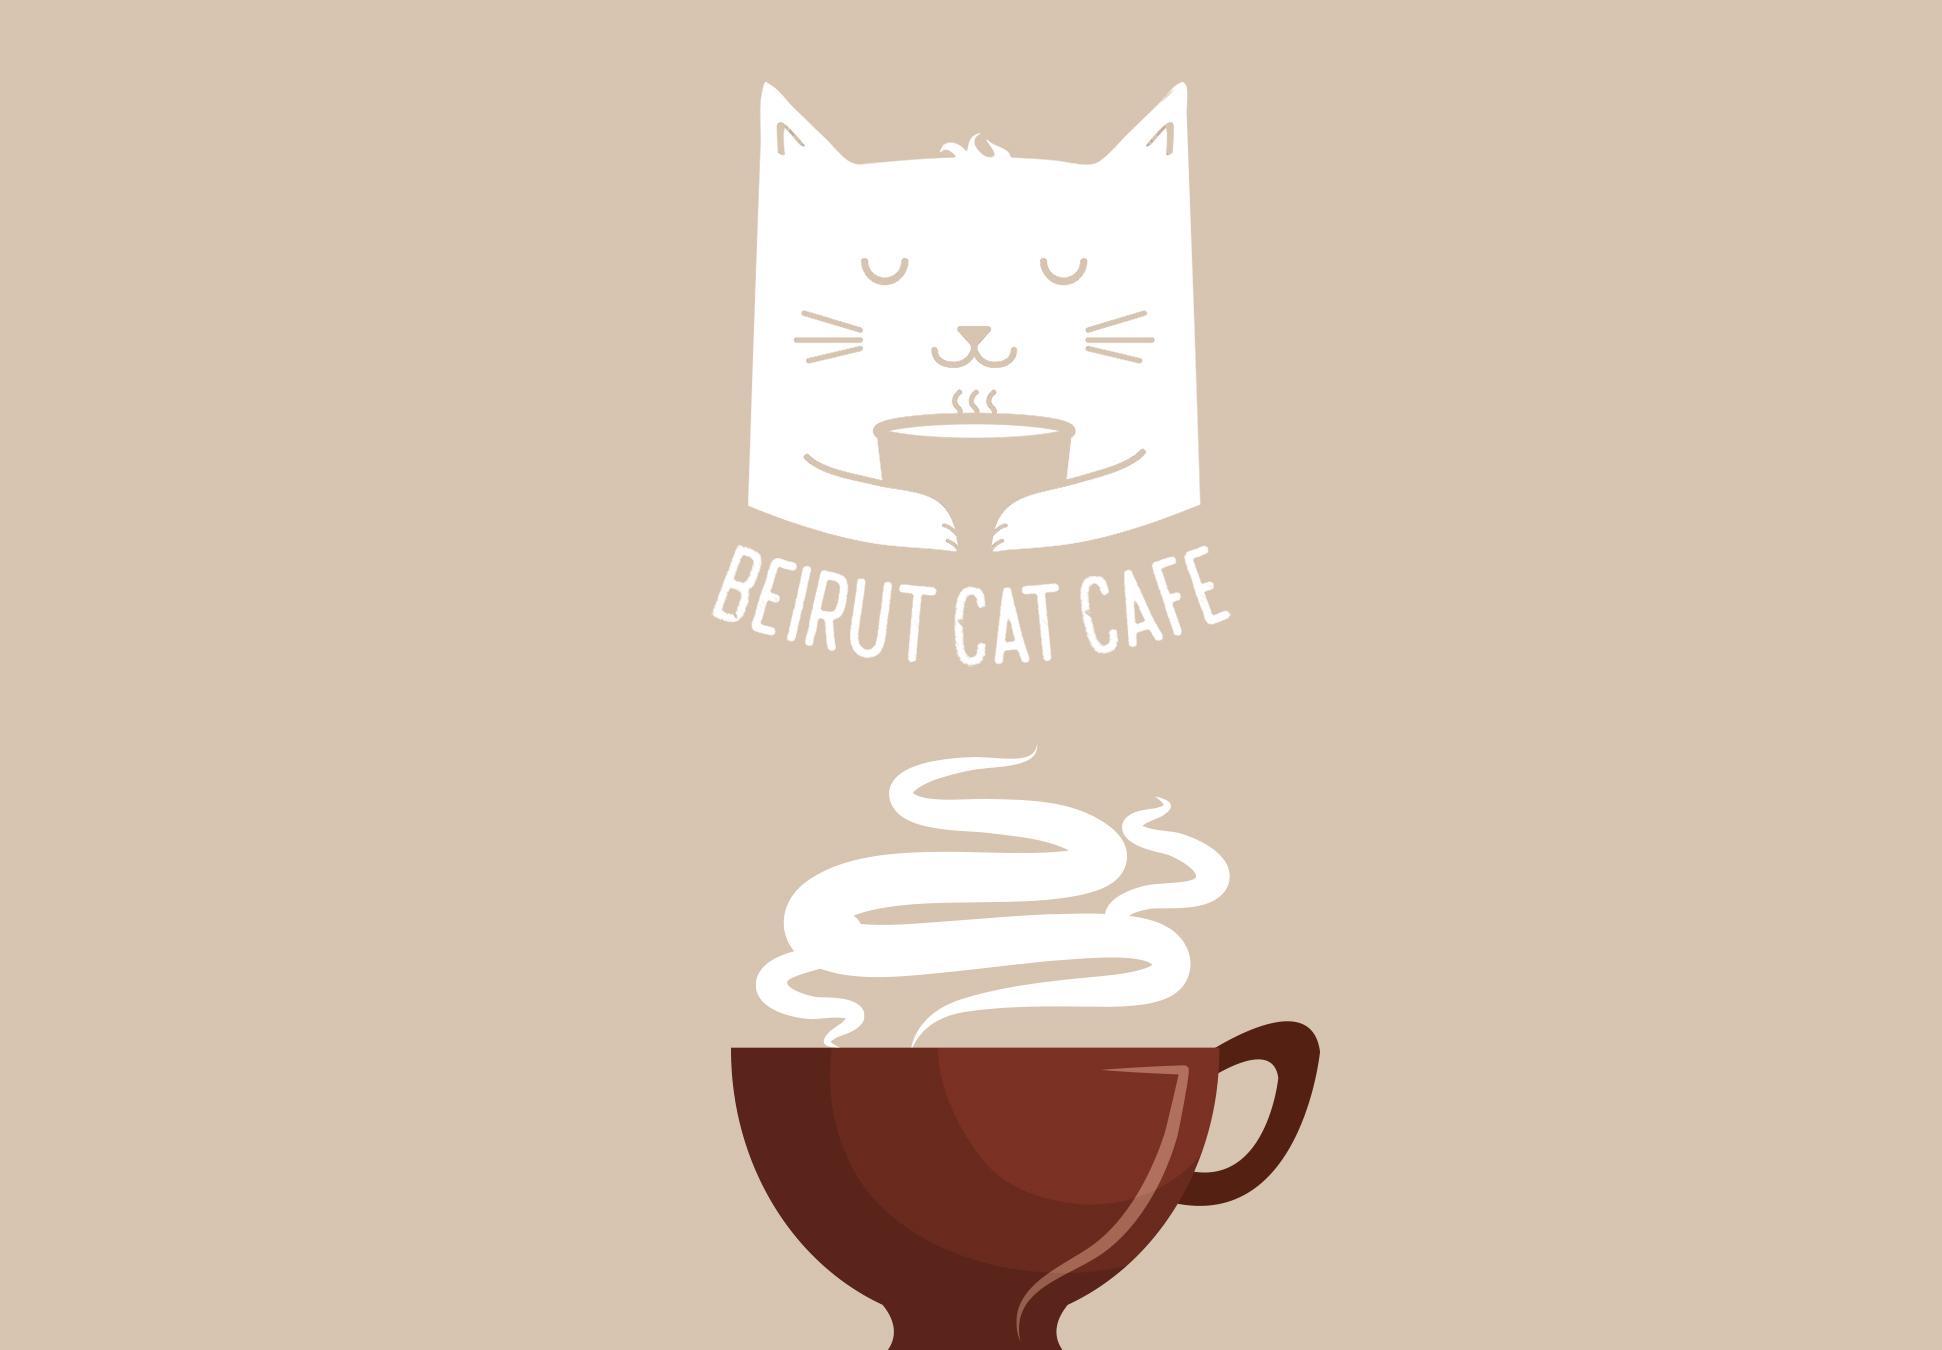 INTERNATIONAL CAT DAY X BEIRUT CAT CAFE - News